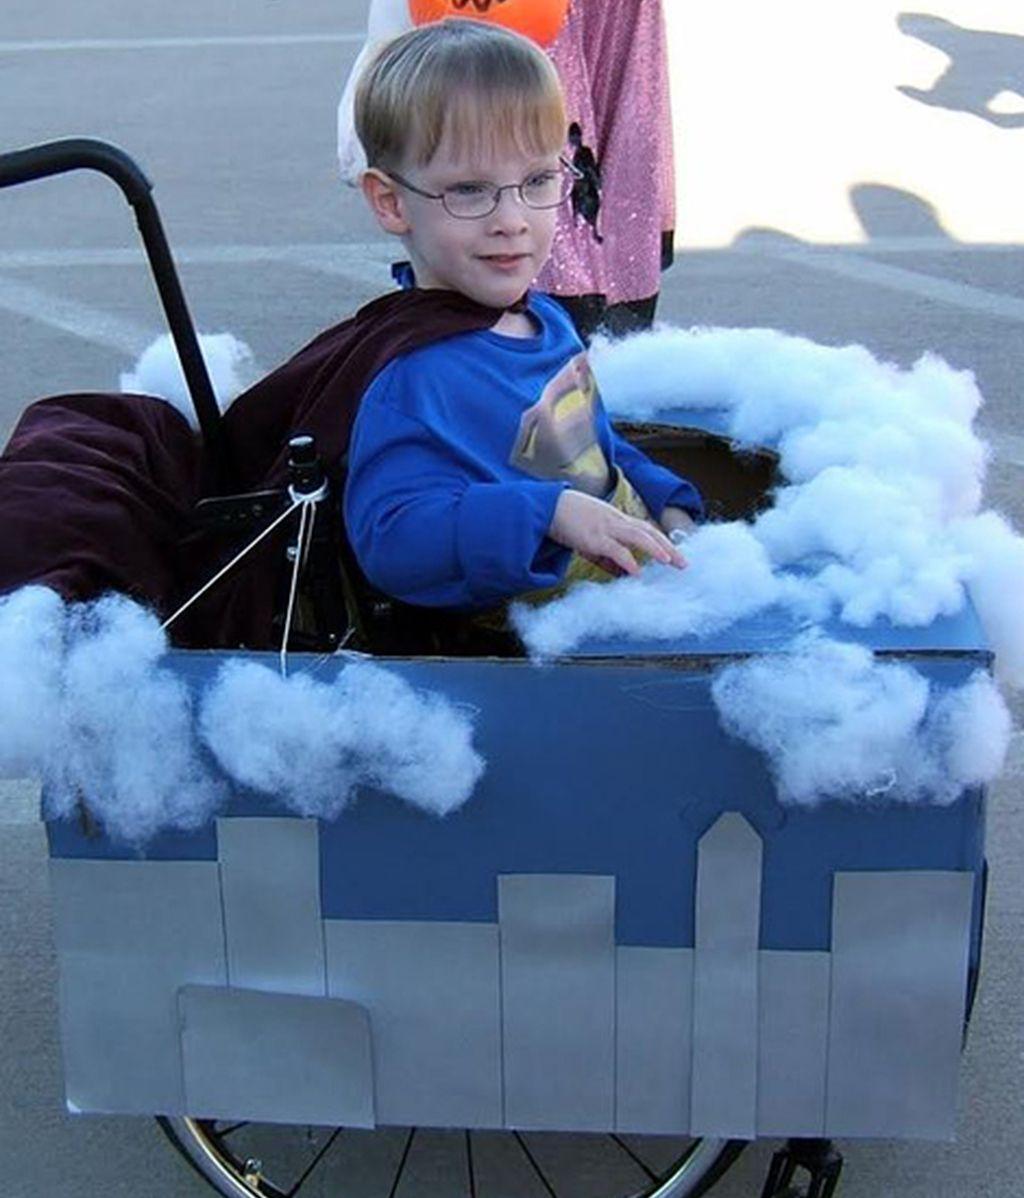 Los originales disfraces de un niño en silla de ruedas